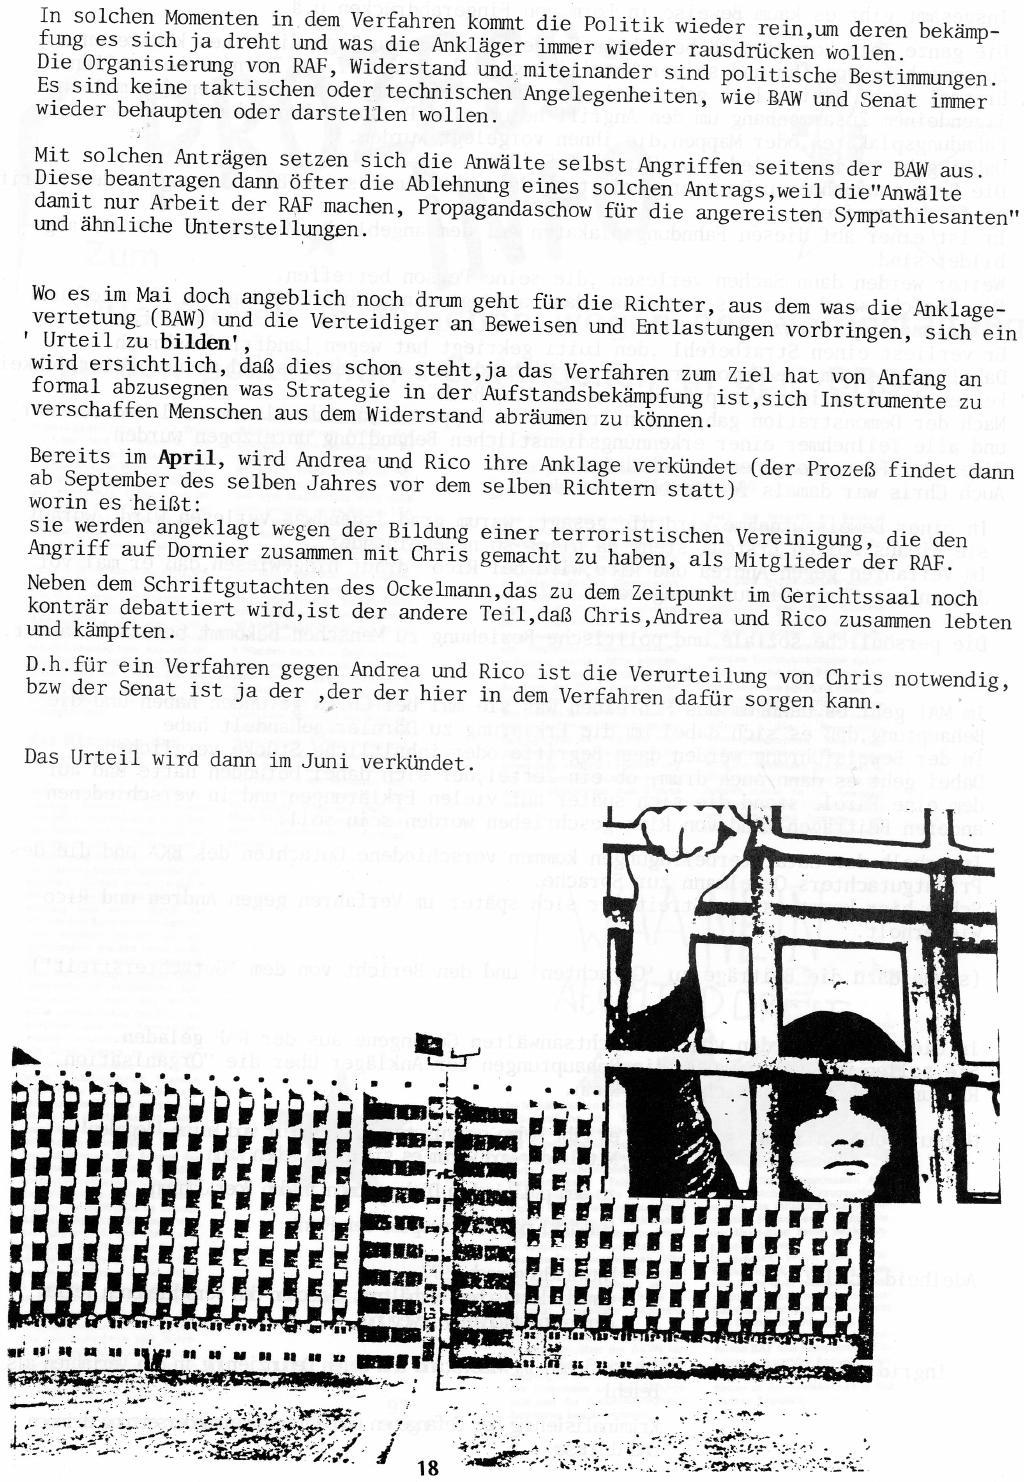 Duesseldorf_1989_Sechs_Politische_Gefangene_018